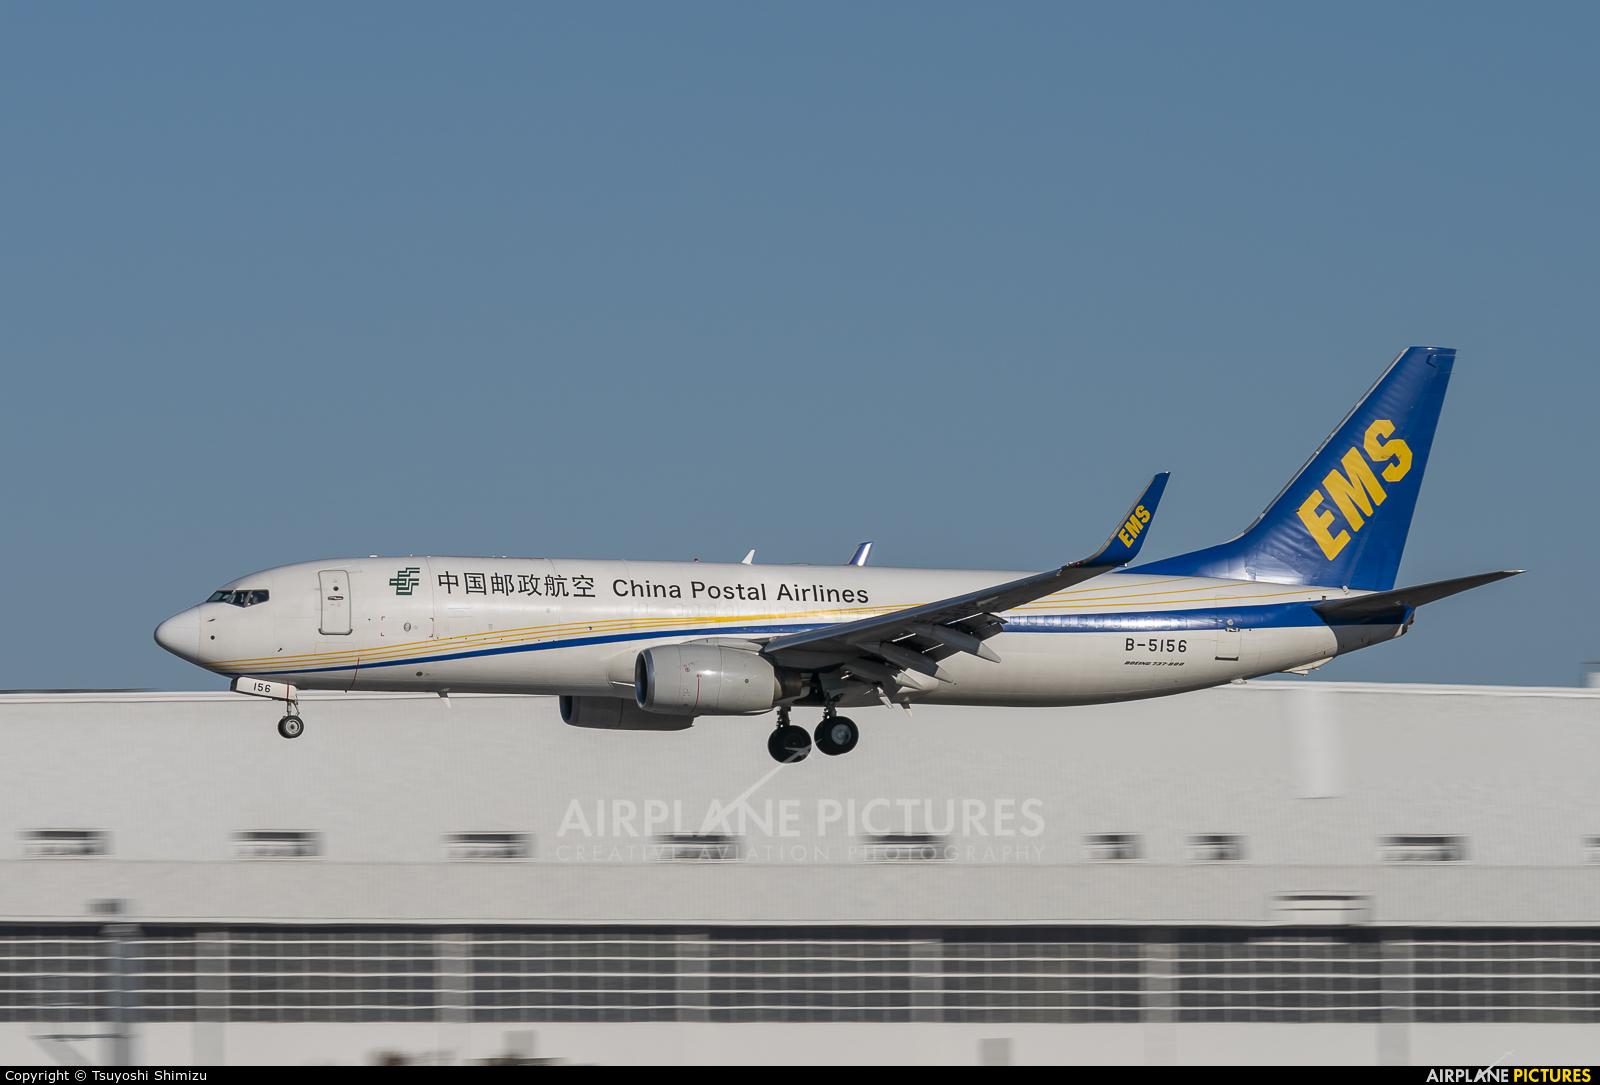 China Postal Airlines B-5156 aircraft at Tokyo - Narita Intl